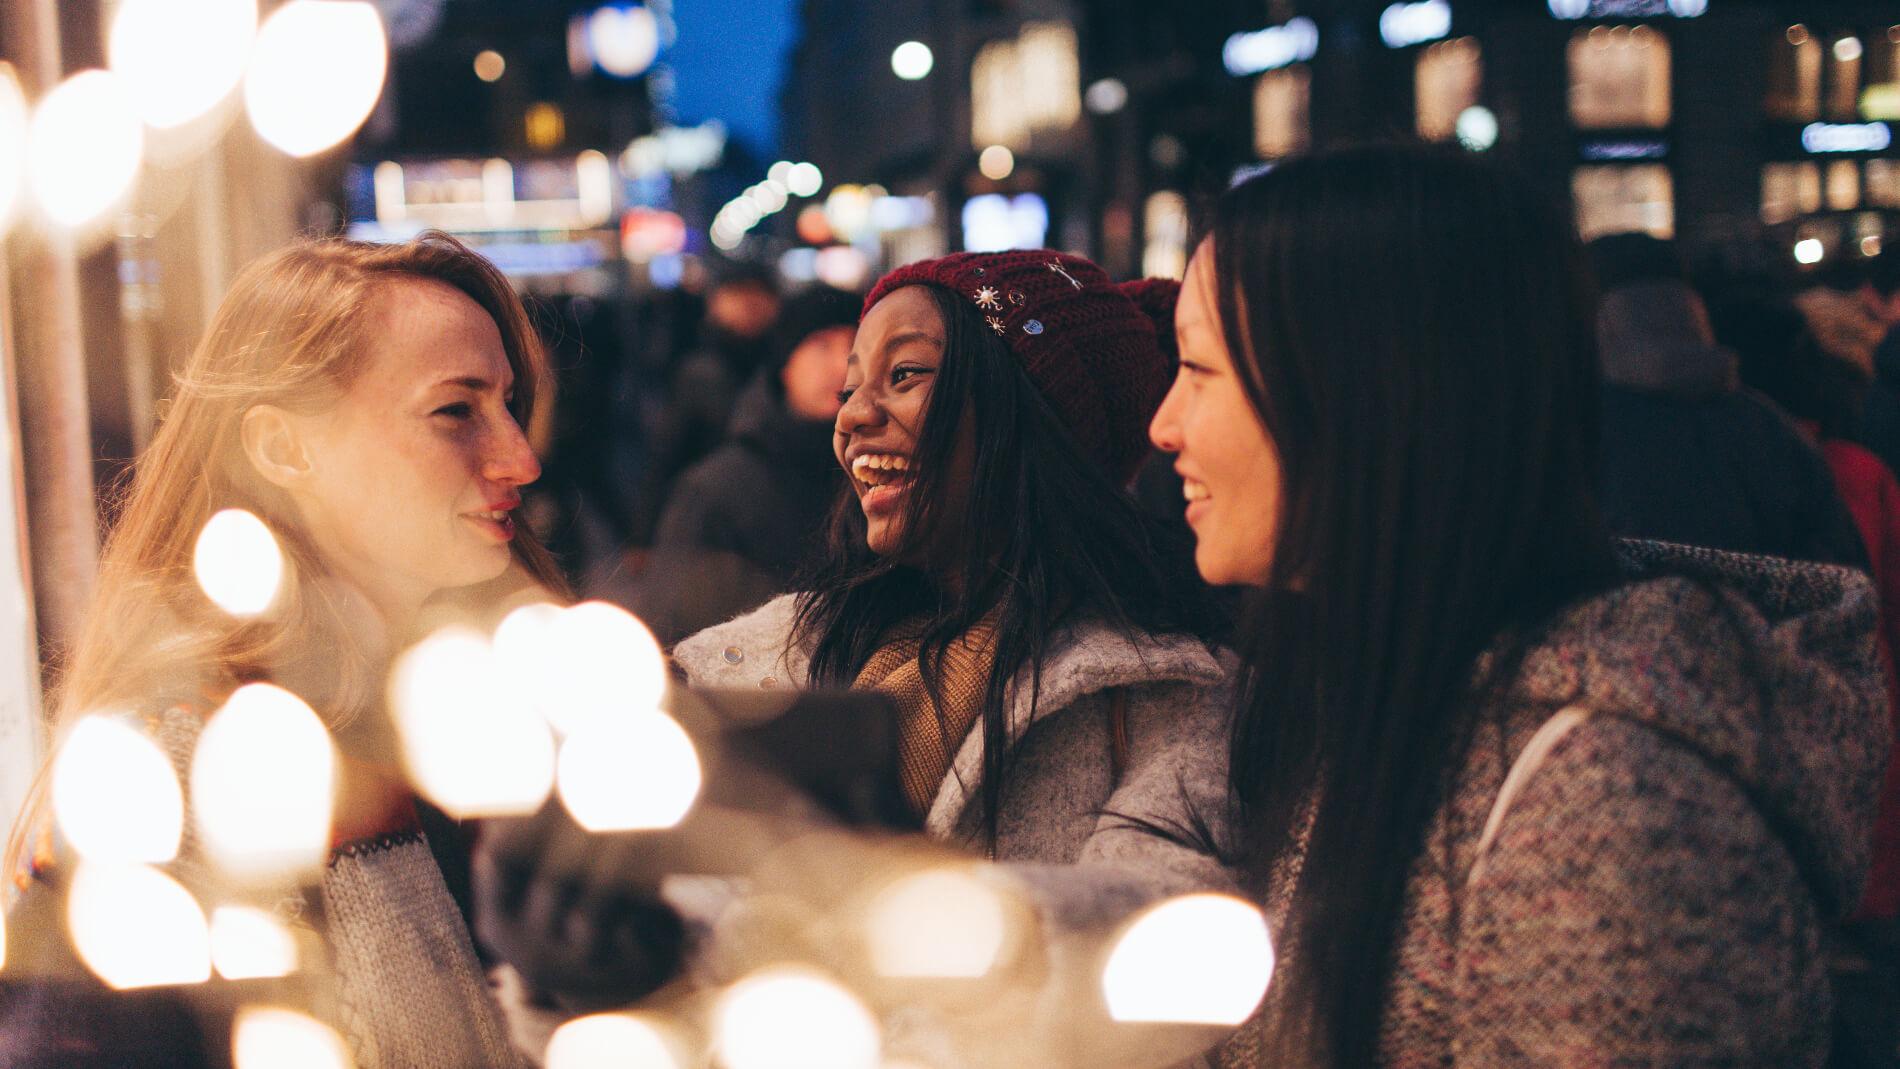 Three people talking at a sidewalk café